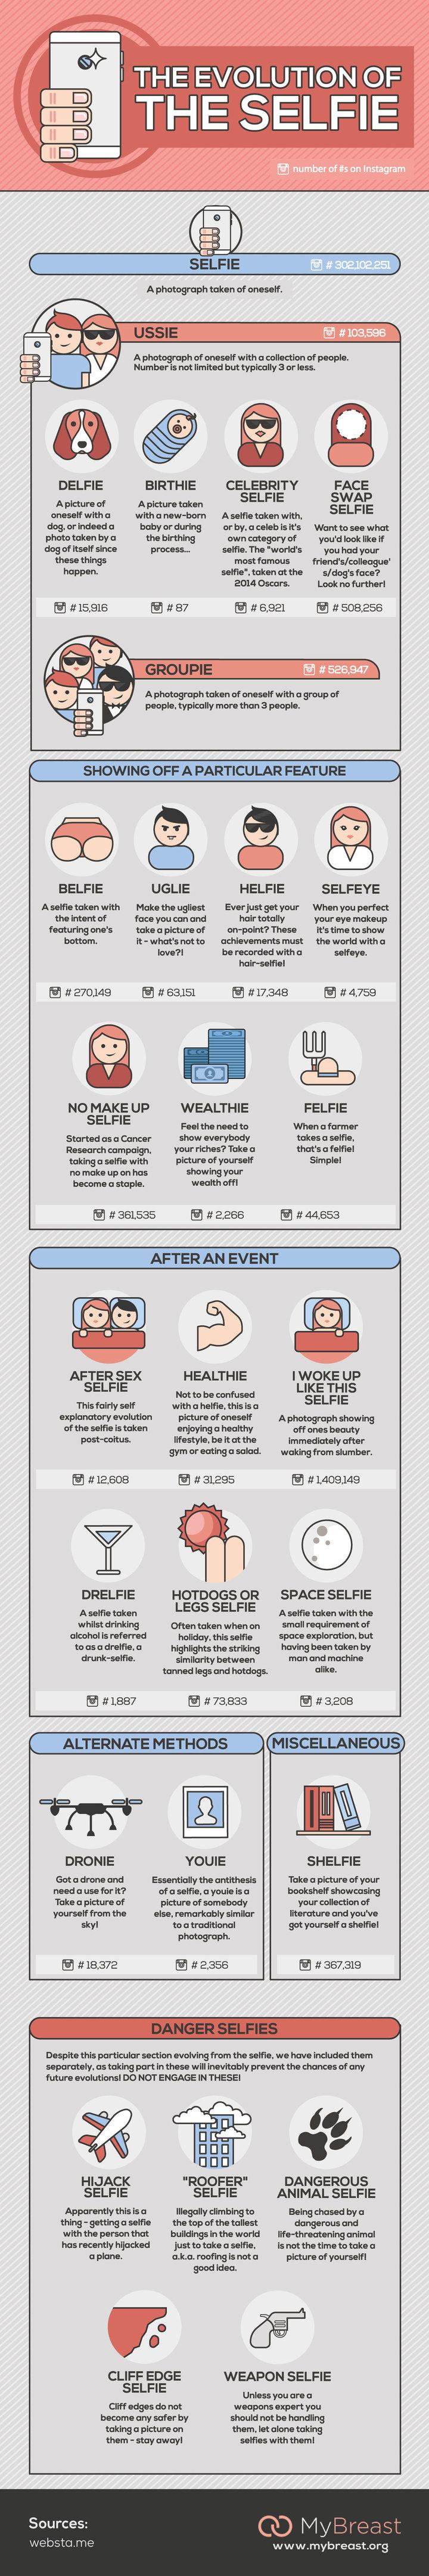 Selfie-evolution-infographic Infographie : Selfie, Ussie, Delfie... connaissez-vous toutes les sortes de Selfies ?